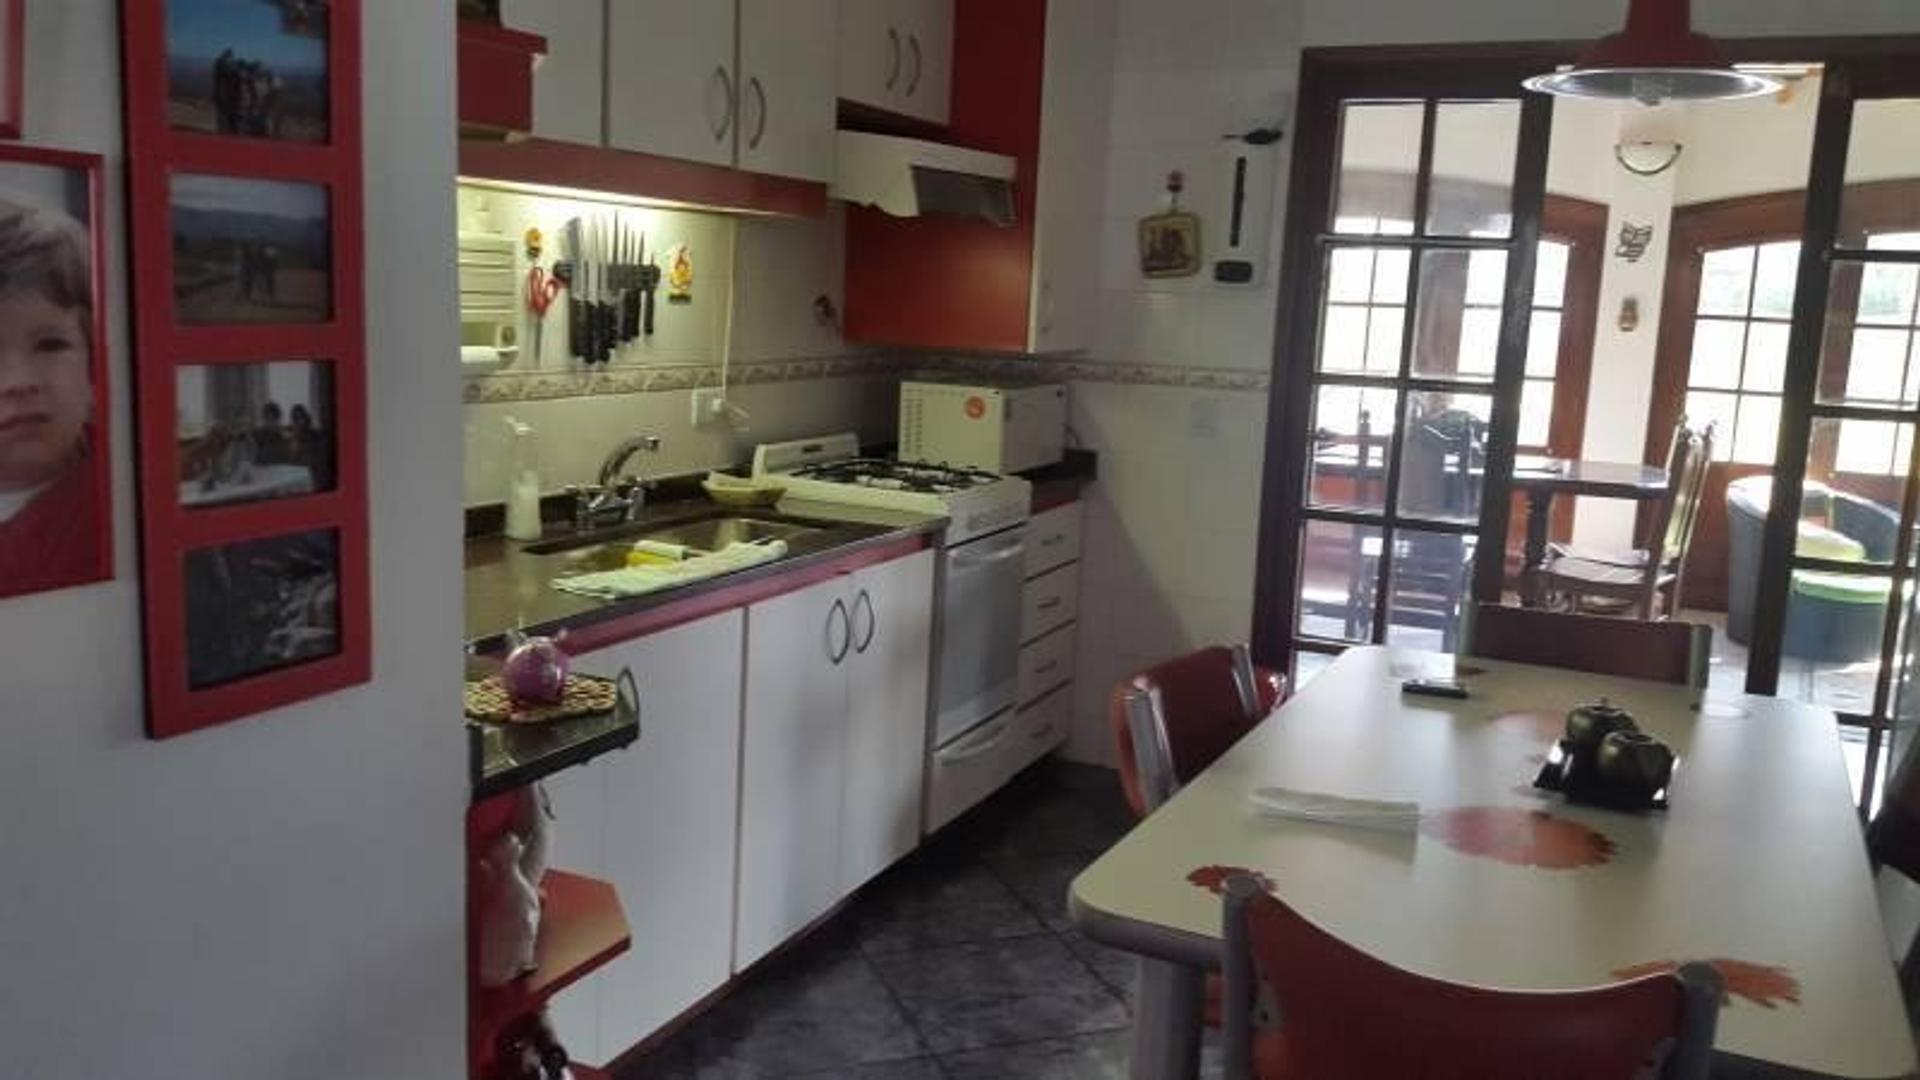 Impecable casa en Aranjuez  - 4 ambientes con cochera